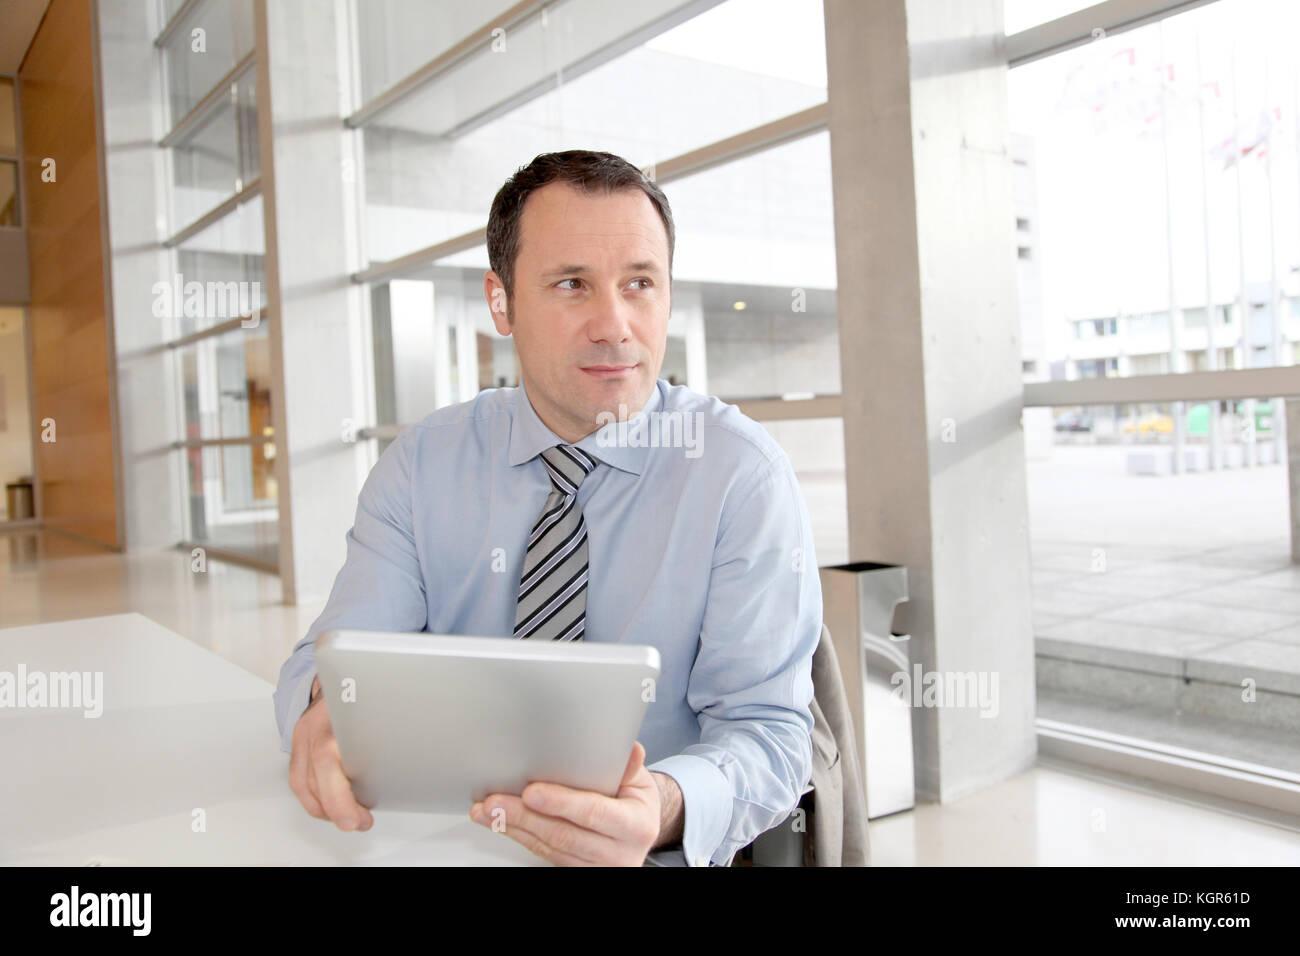 Portrait dans le bureau avec tablette électronique Photo Stock